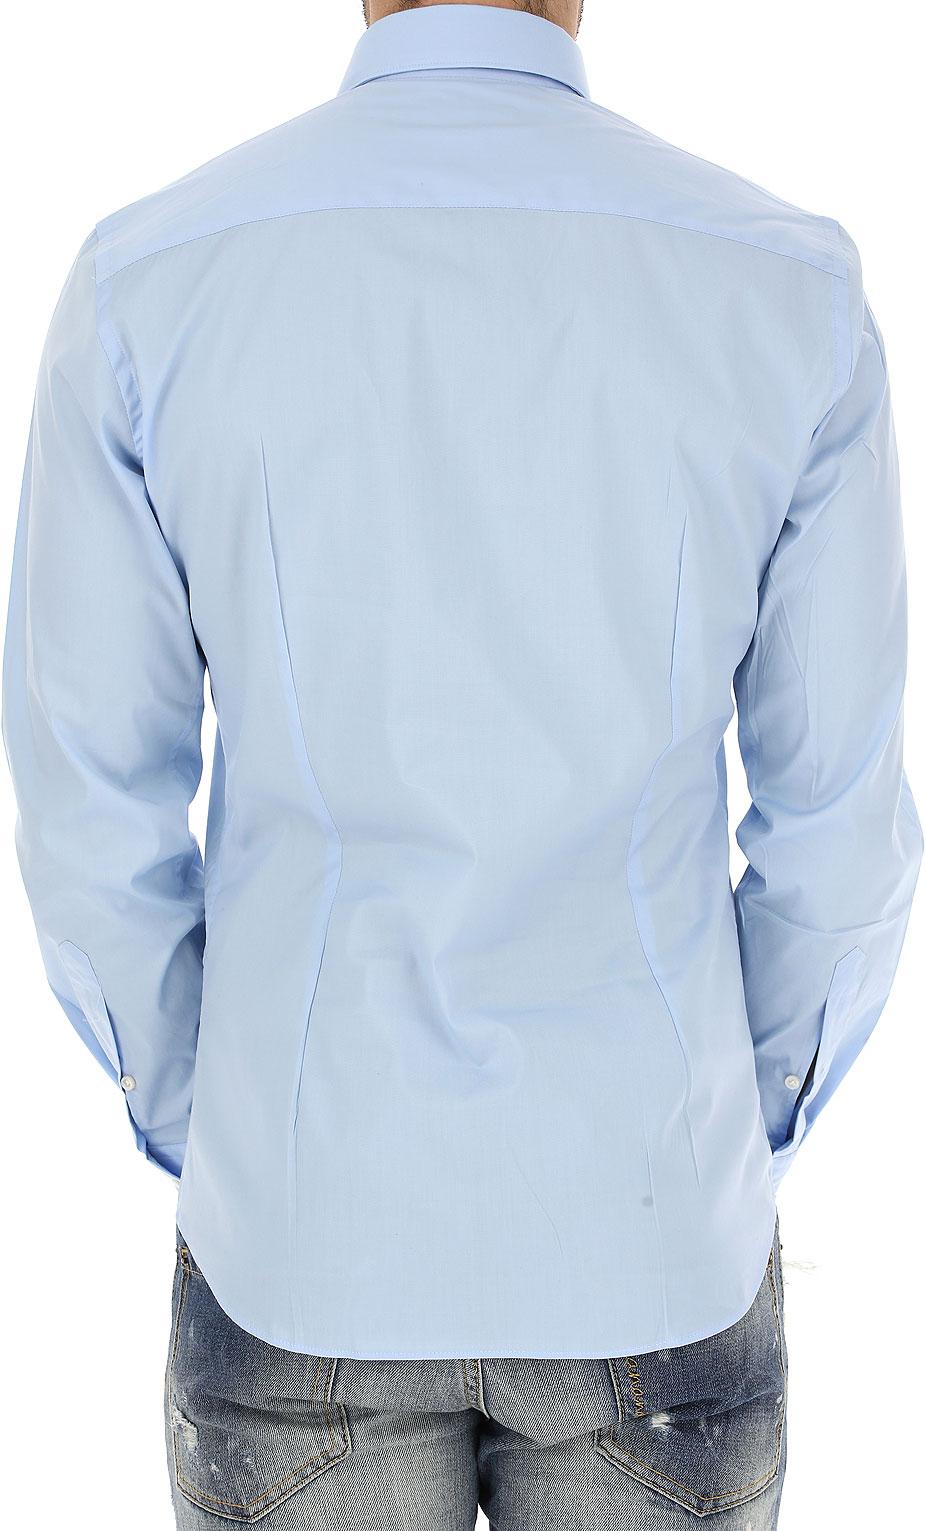 Abbigliamento Uomo Fay Codice Articolo Ncma136262s0rmu003--